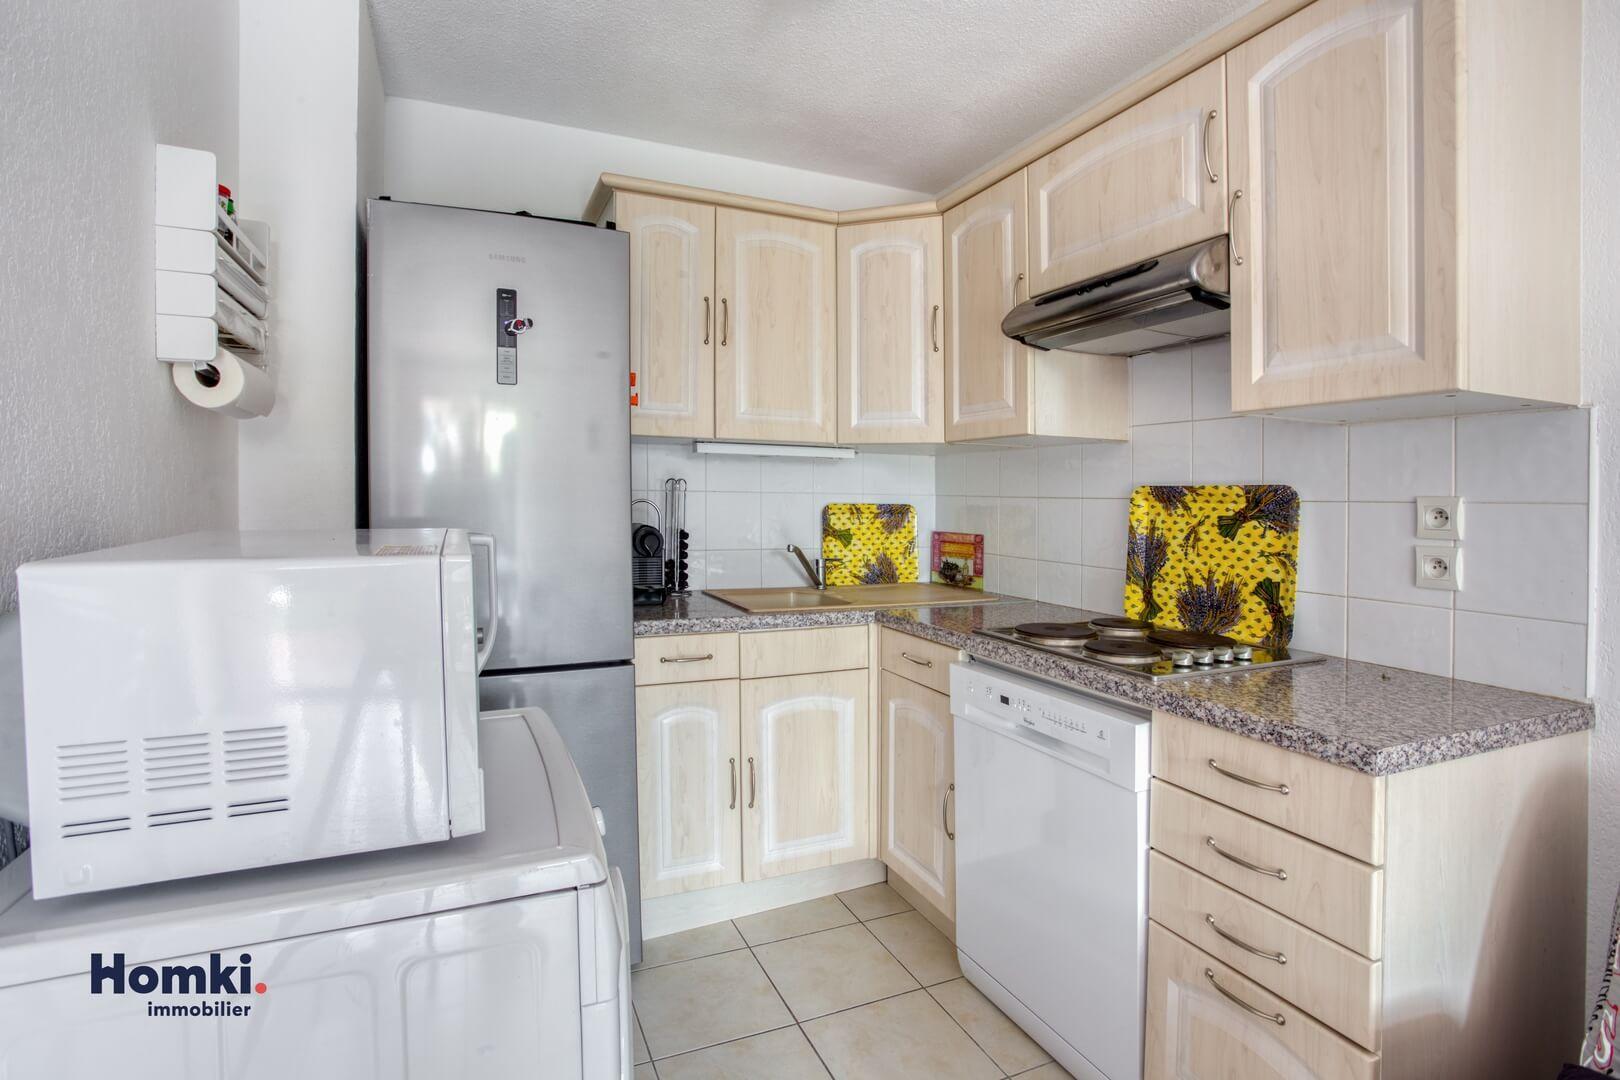 Homki - Vente Appartement  de 36.0 m² à st raphael 83700